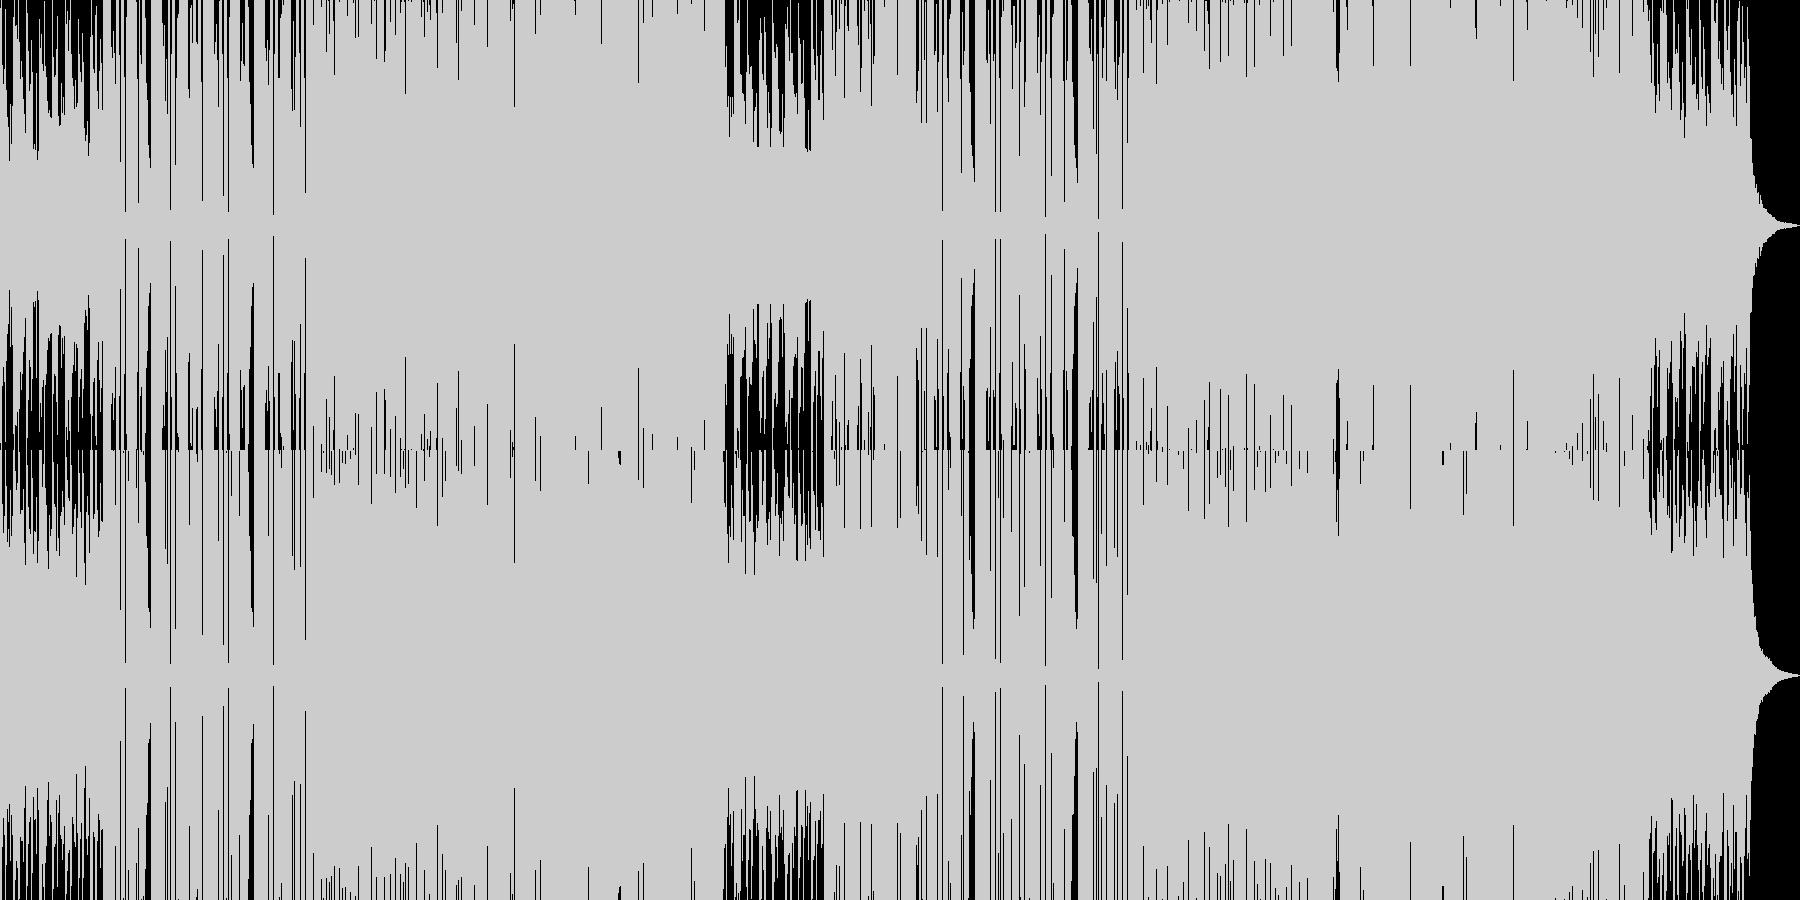 かわいい系フューチャーベースの未再生の波形